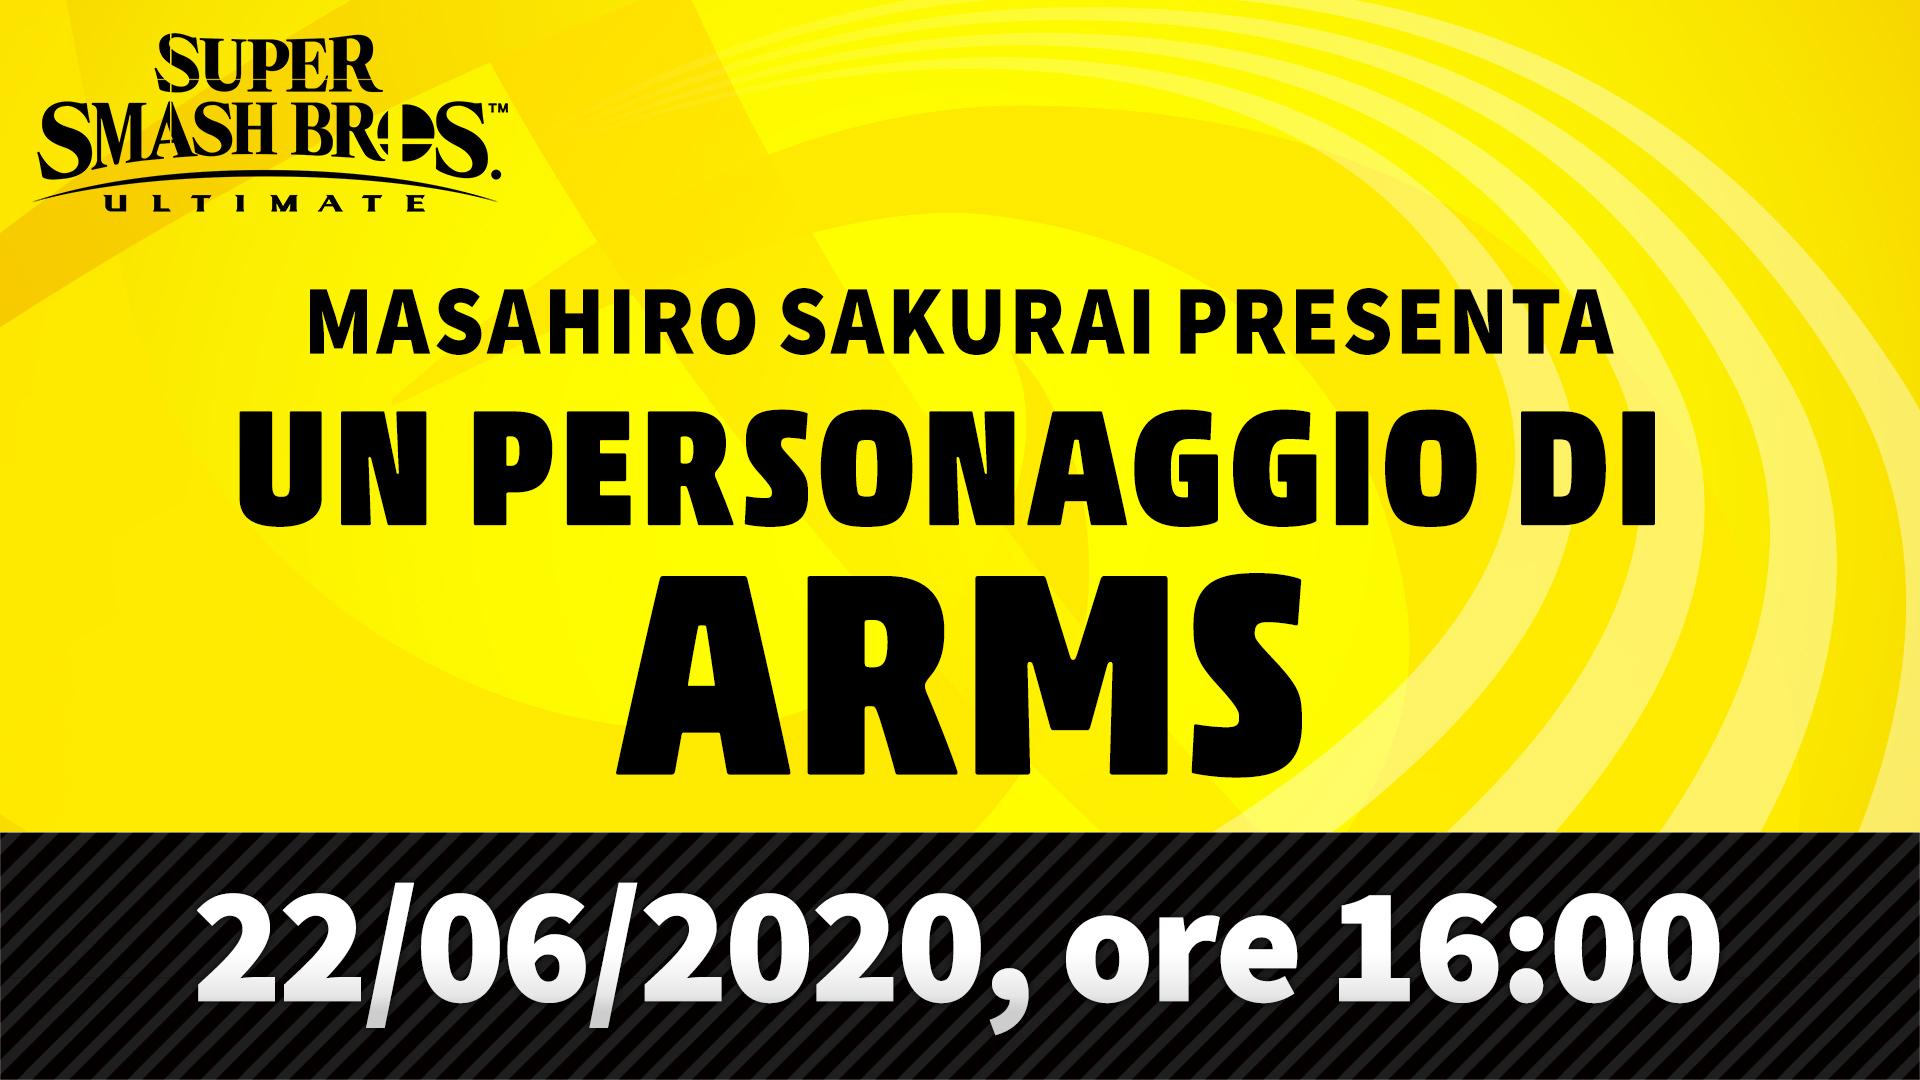 Super Smash Bros. Ultimate presentazione ARMS Cover